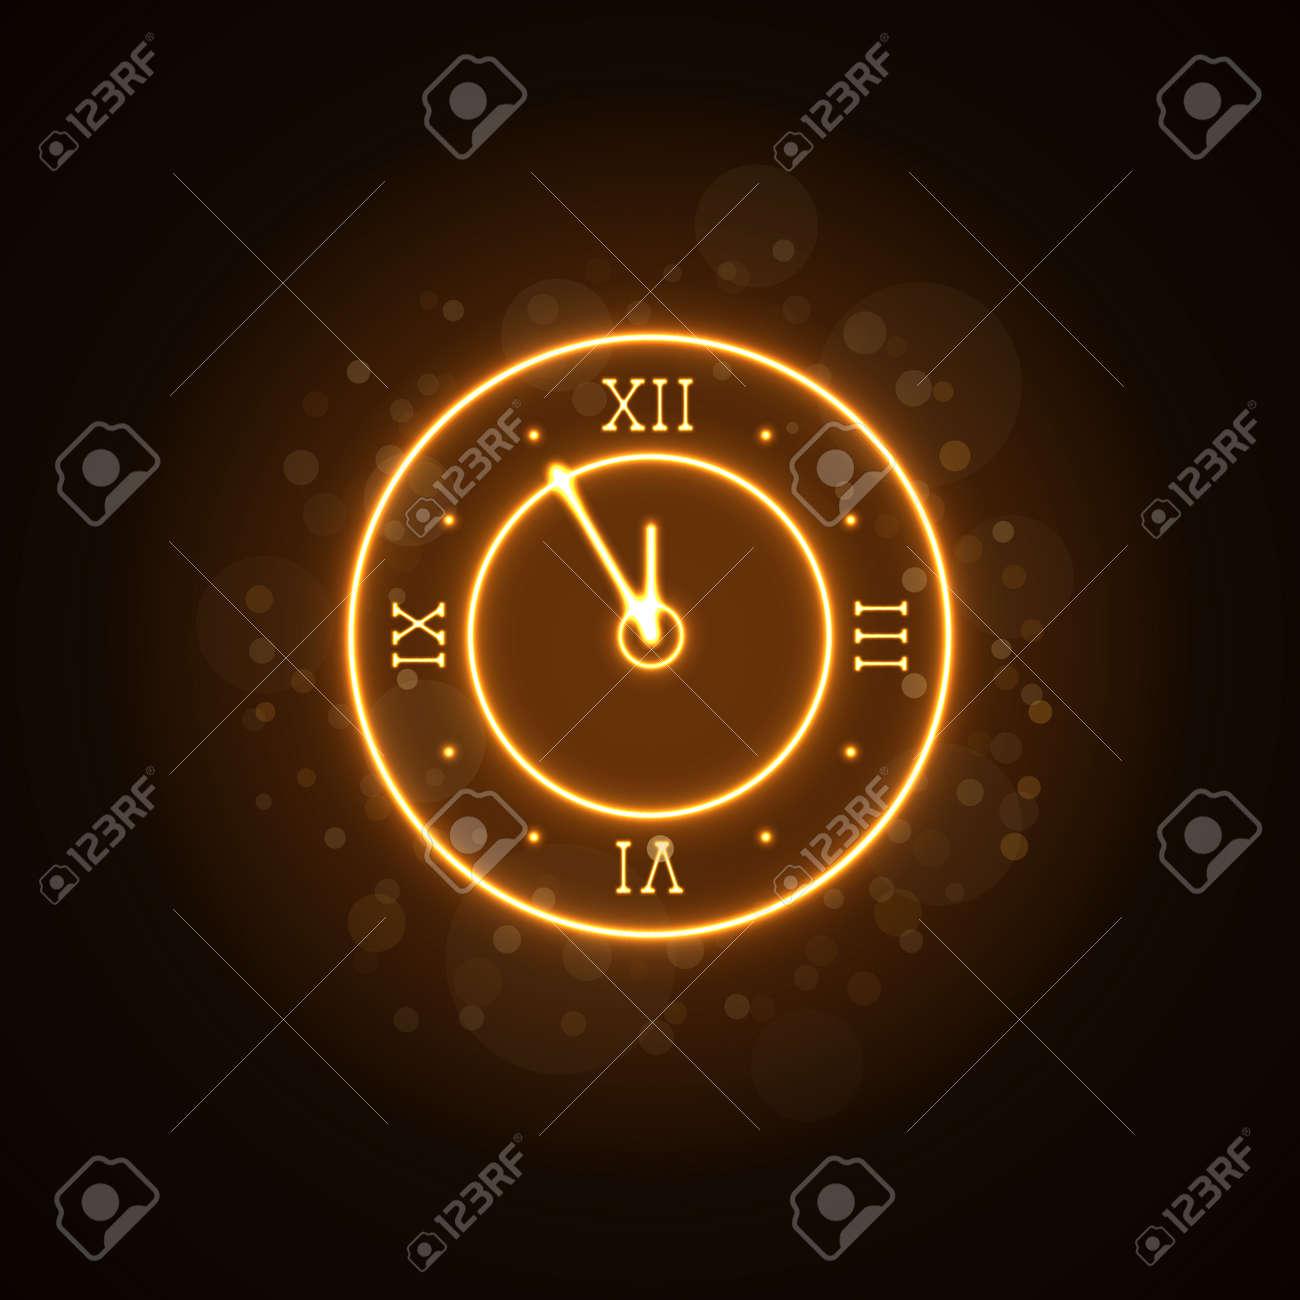 Frohes Neues Jahr Hintergrund. Magic Gold Uhr Countdown 5 Minuten ...